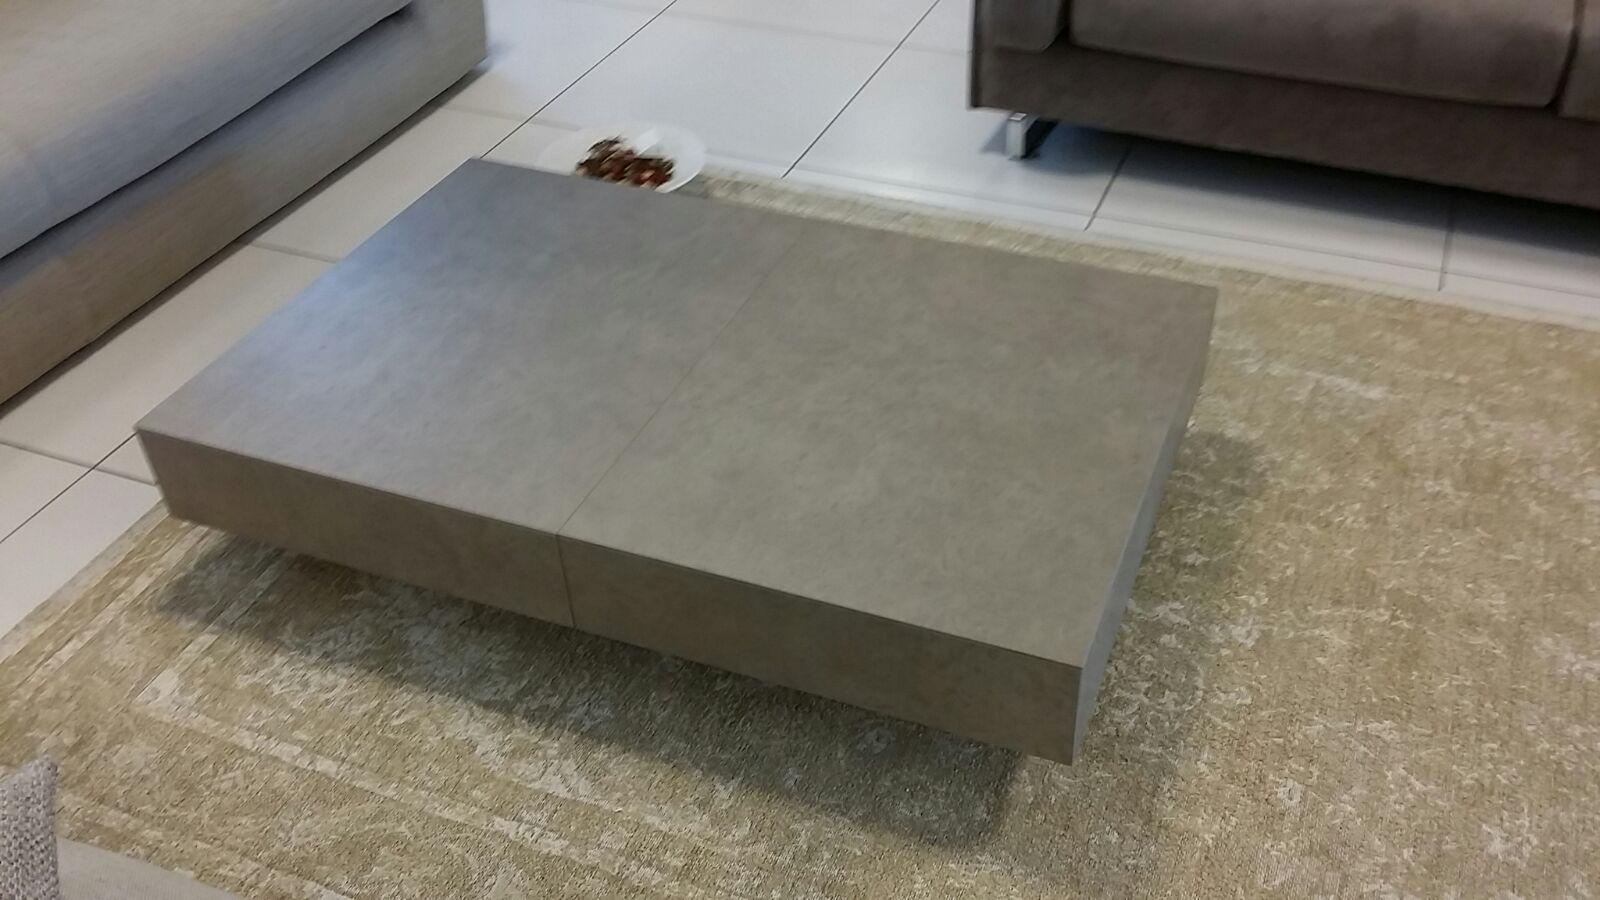 Outlet tavolo ozzio box t110 piombo tavoli a prezzi scontati - Tavolo box ozzio ...